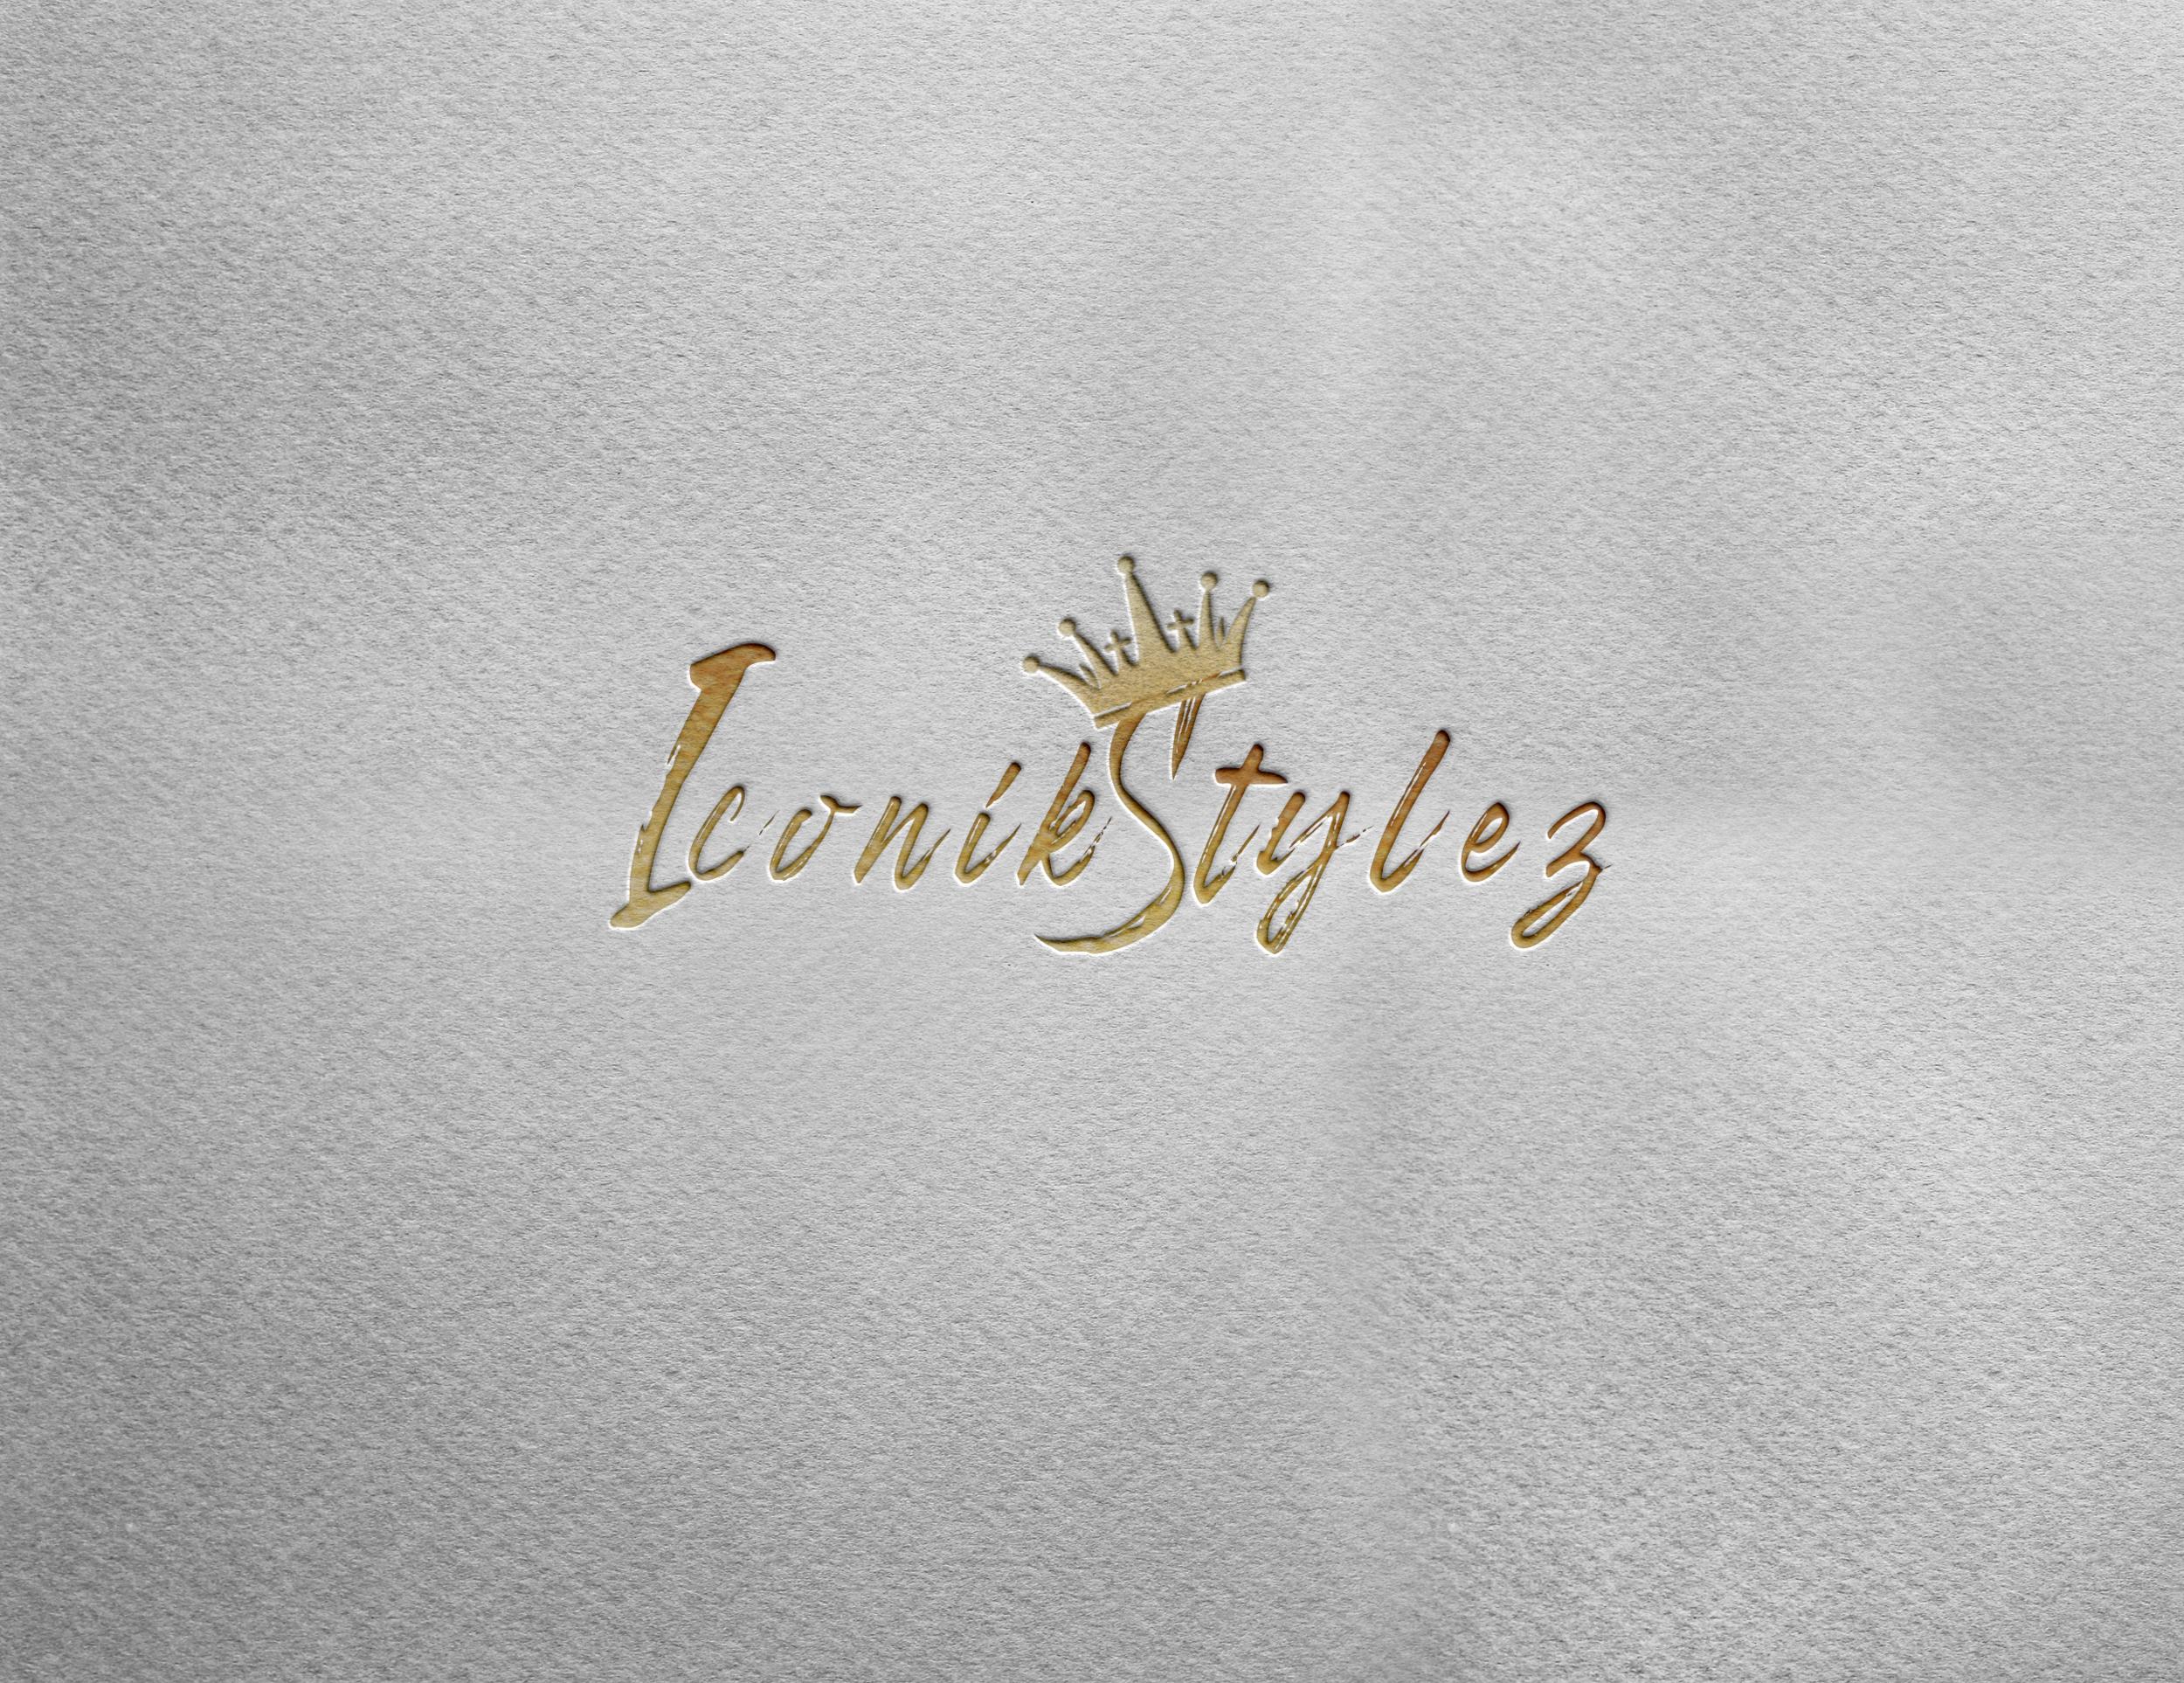 Logo Portfolio - Iconik Stylez.png